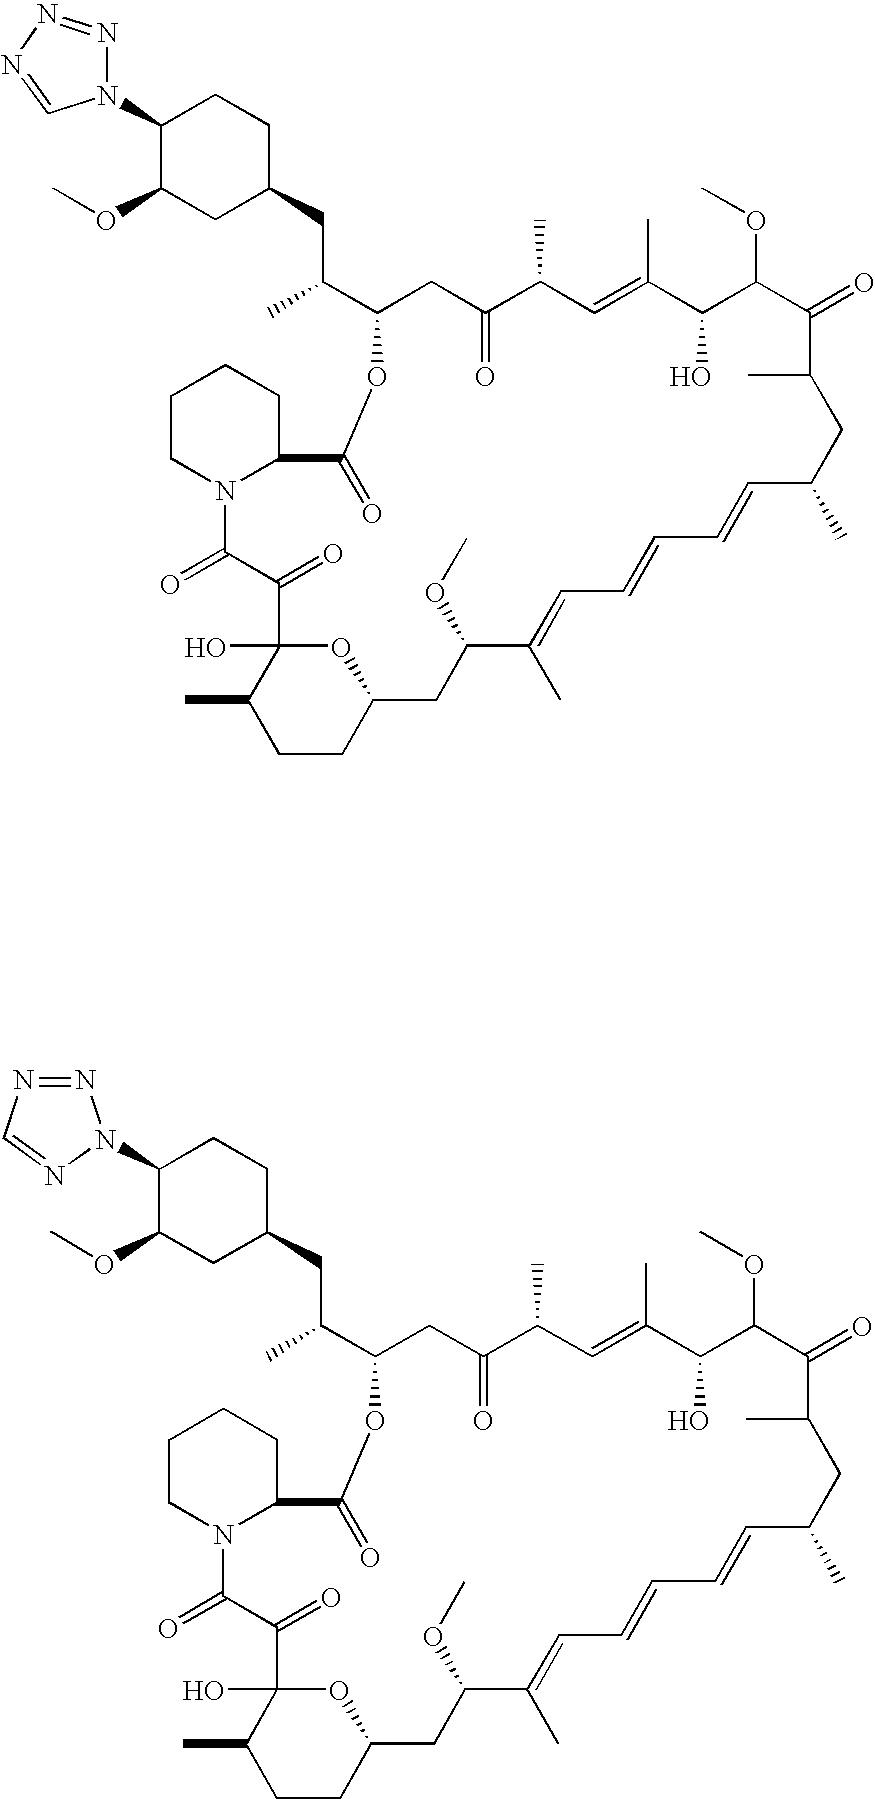 Figure US20090216317A1-20090827-C00012